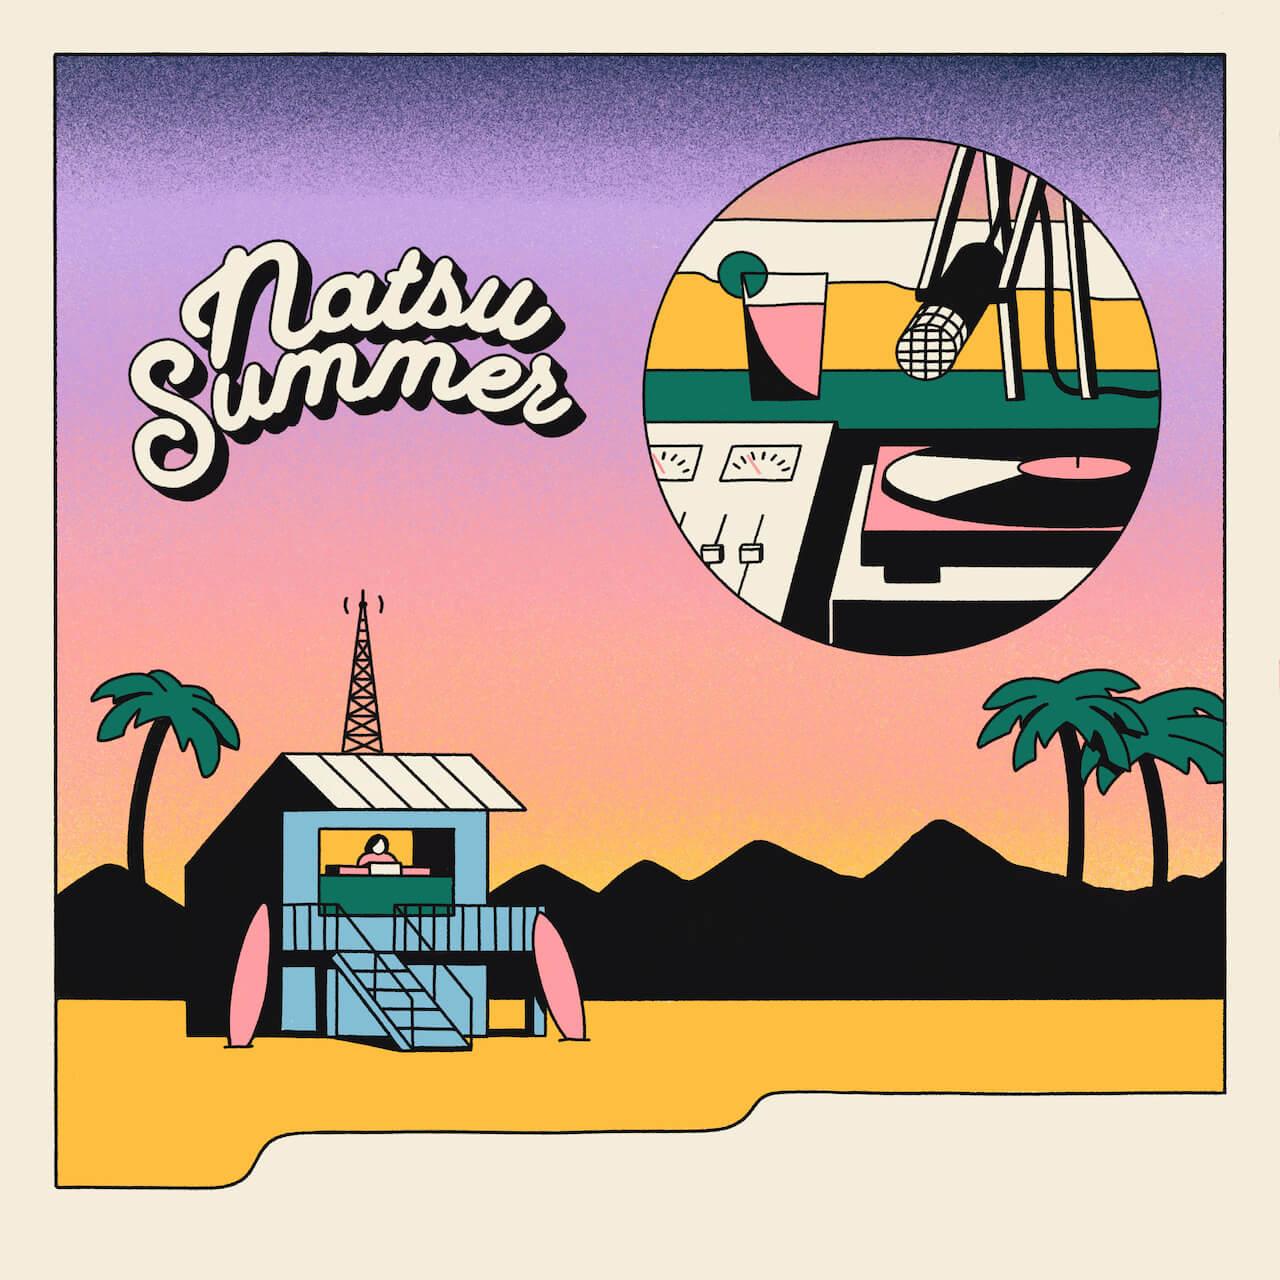 ナツ・サマーの2ndフル・アルバム『HAYAMA NIGHTS』が本日リリース!クニモンド瀧口プロデュース、シティ・ポップ・レゲエの金字塔的作品に music200805-natsusummer-3